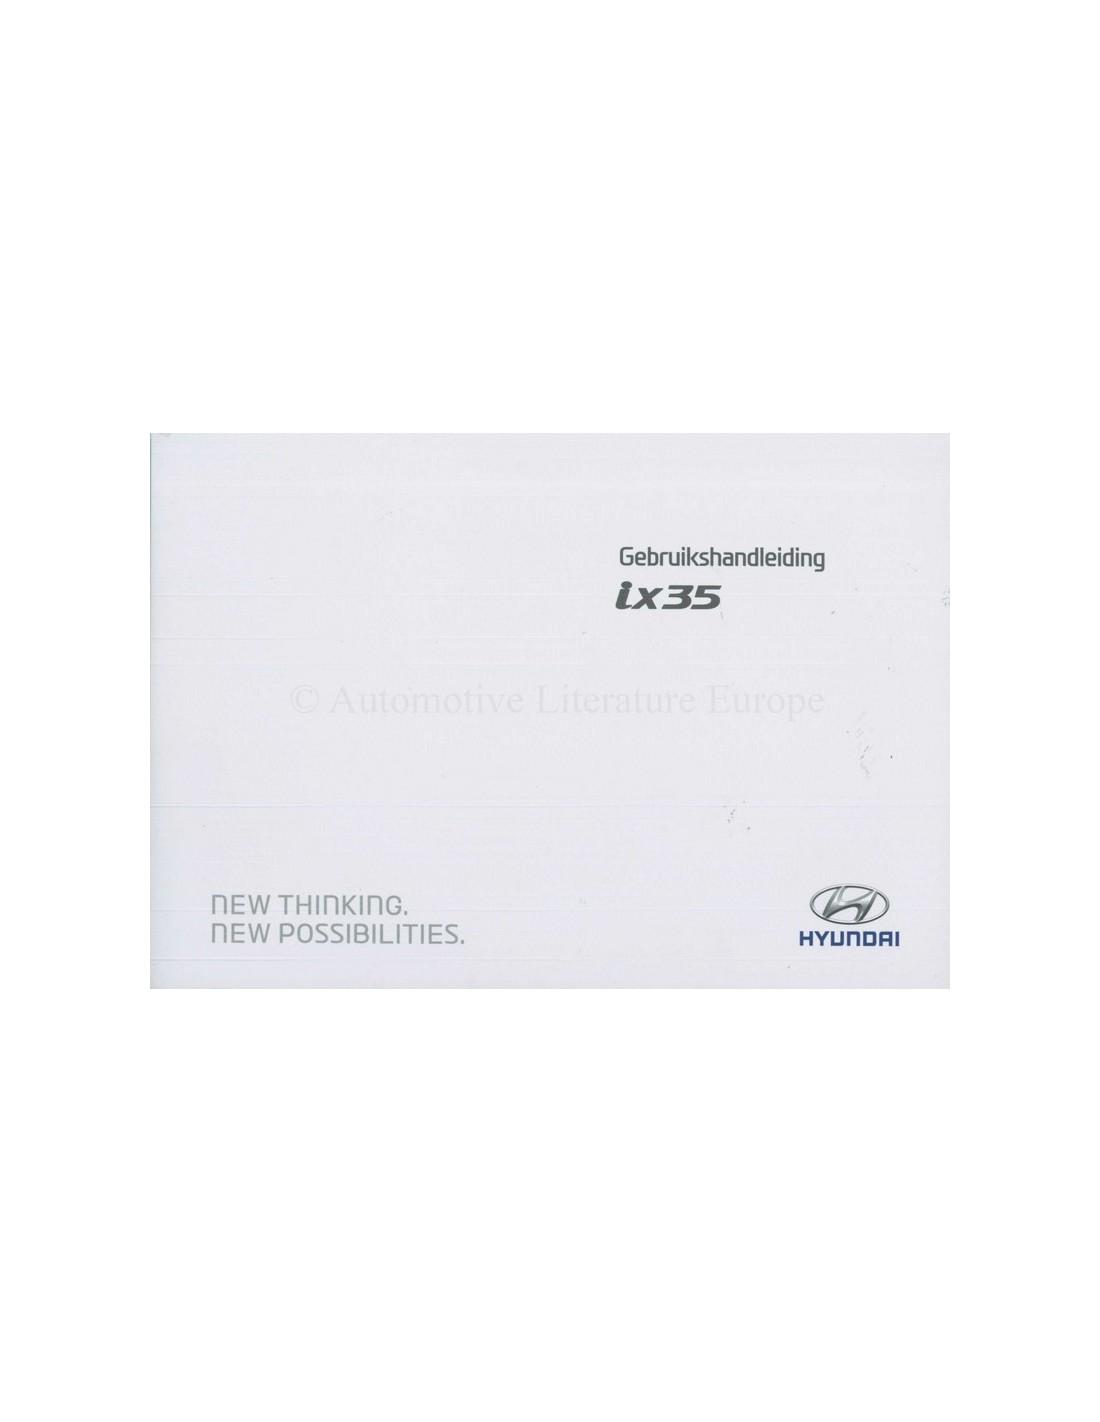 2014 hyundai ix35 owners manual handbook dutch rh autolit eu ix35 user manual pdf user manual ix800 generac